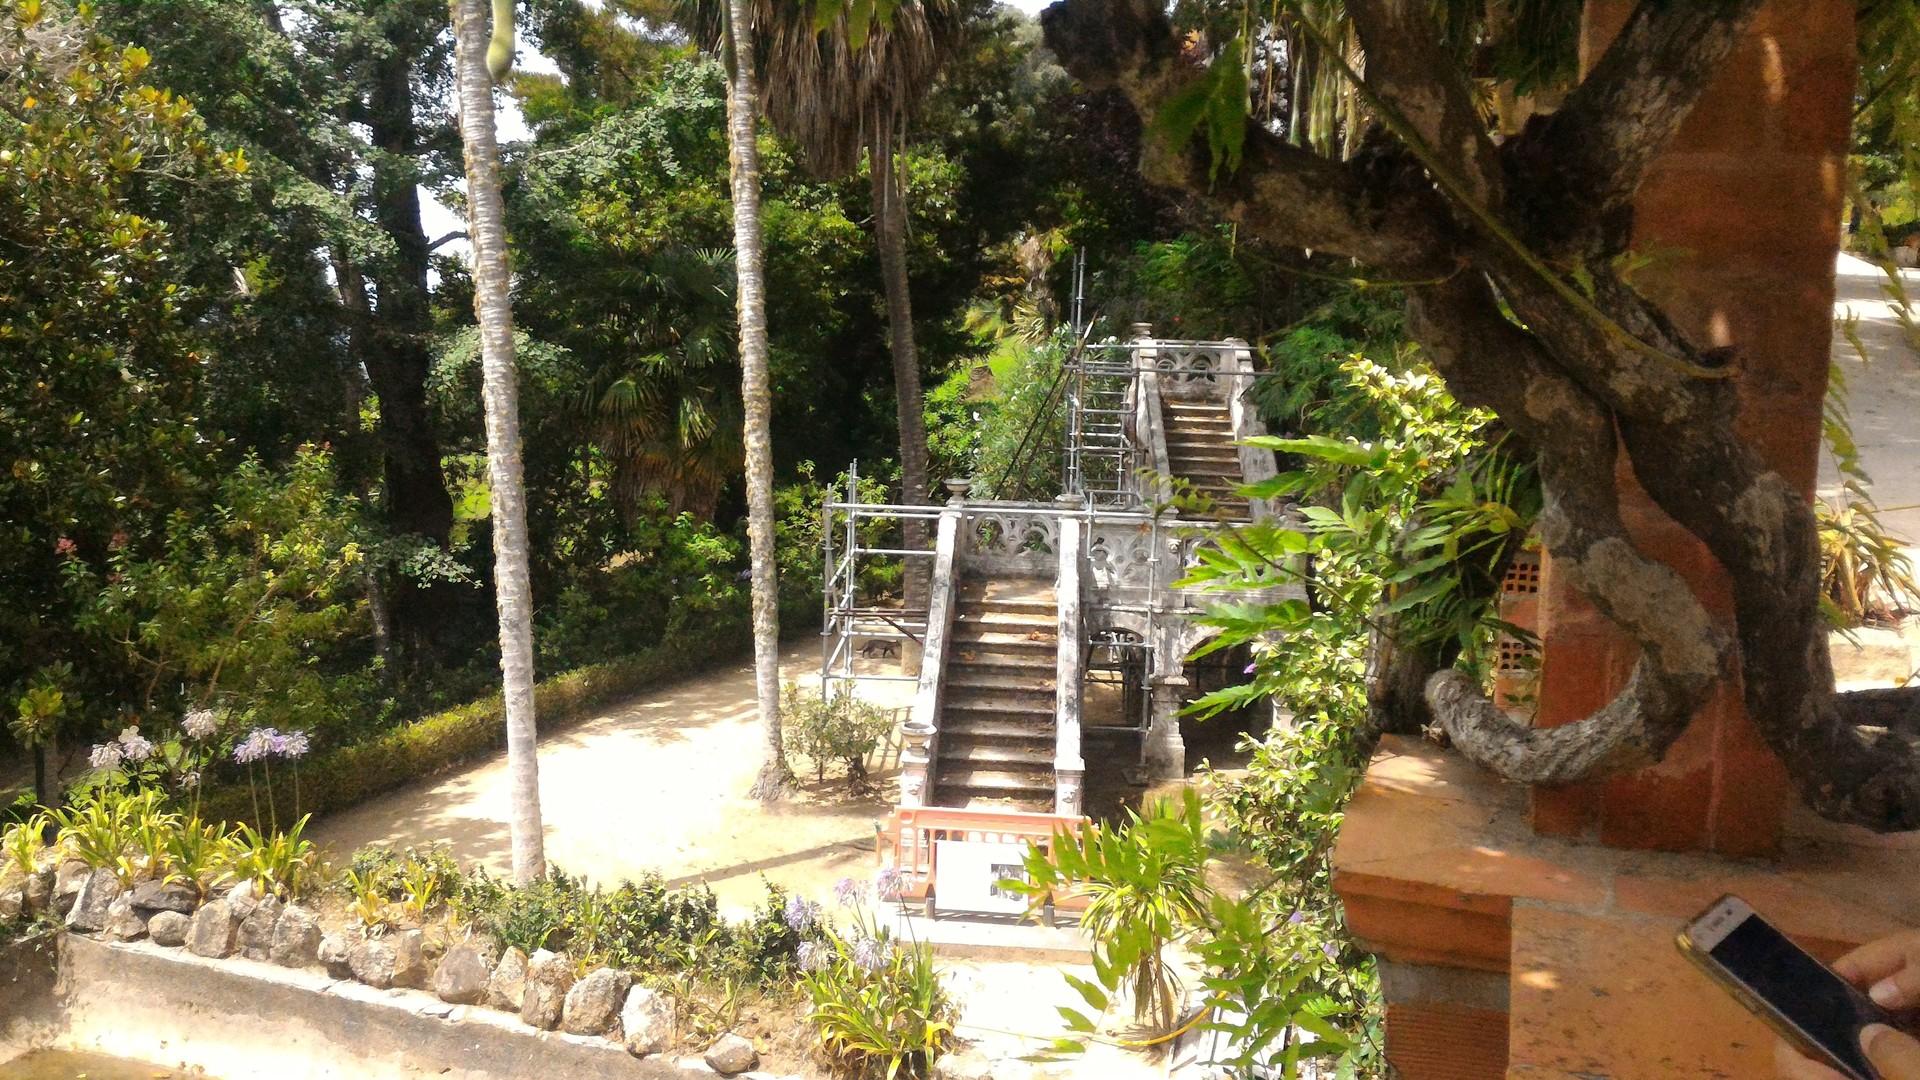 park-palace-monserrate-b38e9d75295f1e5cd